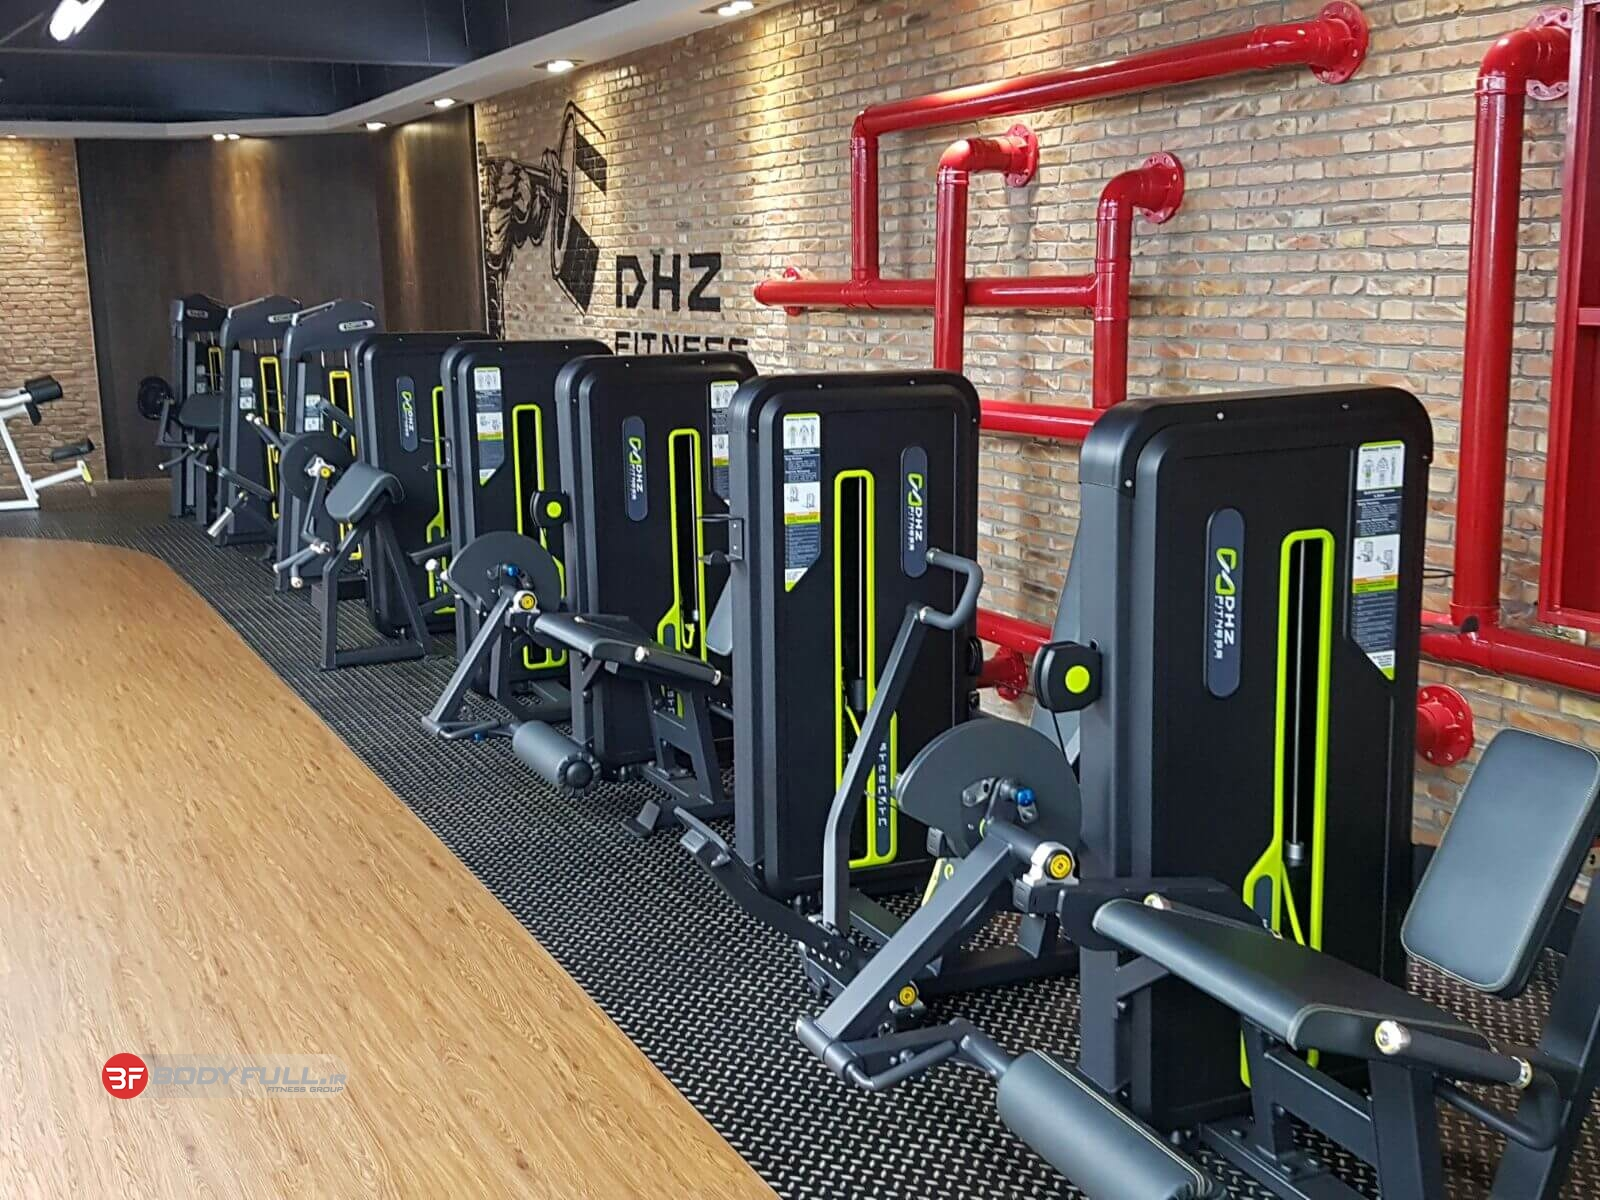 آلبوم دستگاه های شرکت دی اچ زد DHZ - بادی فول | BodyFull.ir